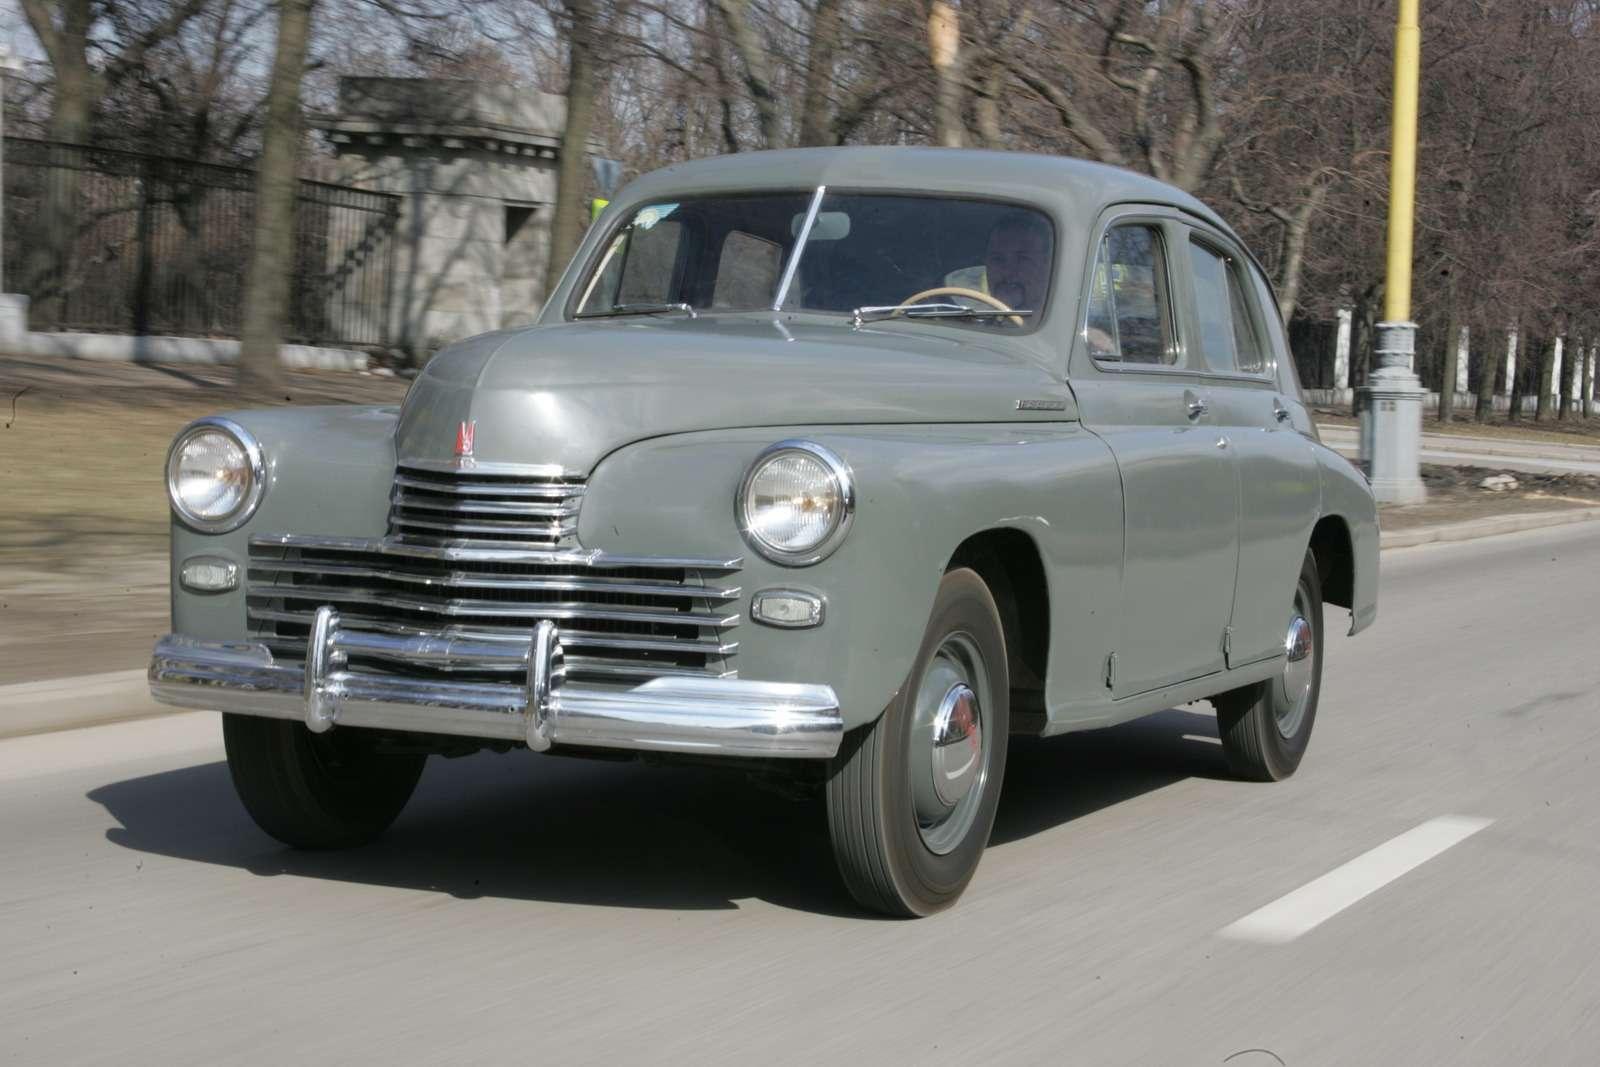 ГАЗ-М20на фоне эпохи: абыла ли«Победа»?— фото 582220